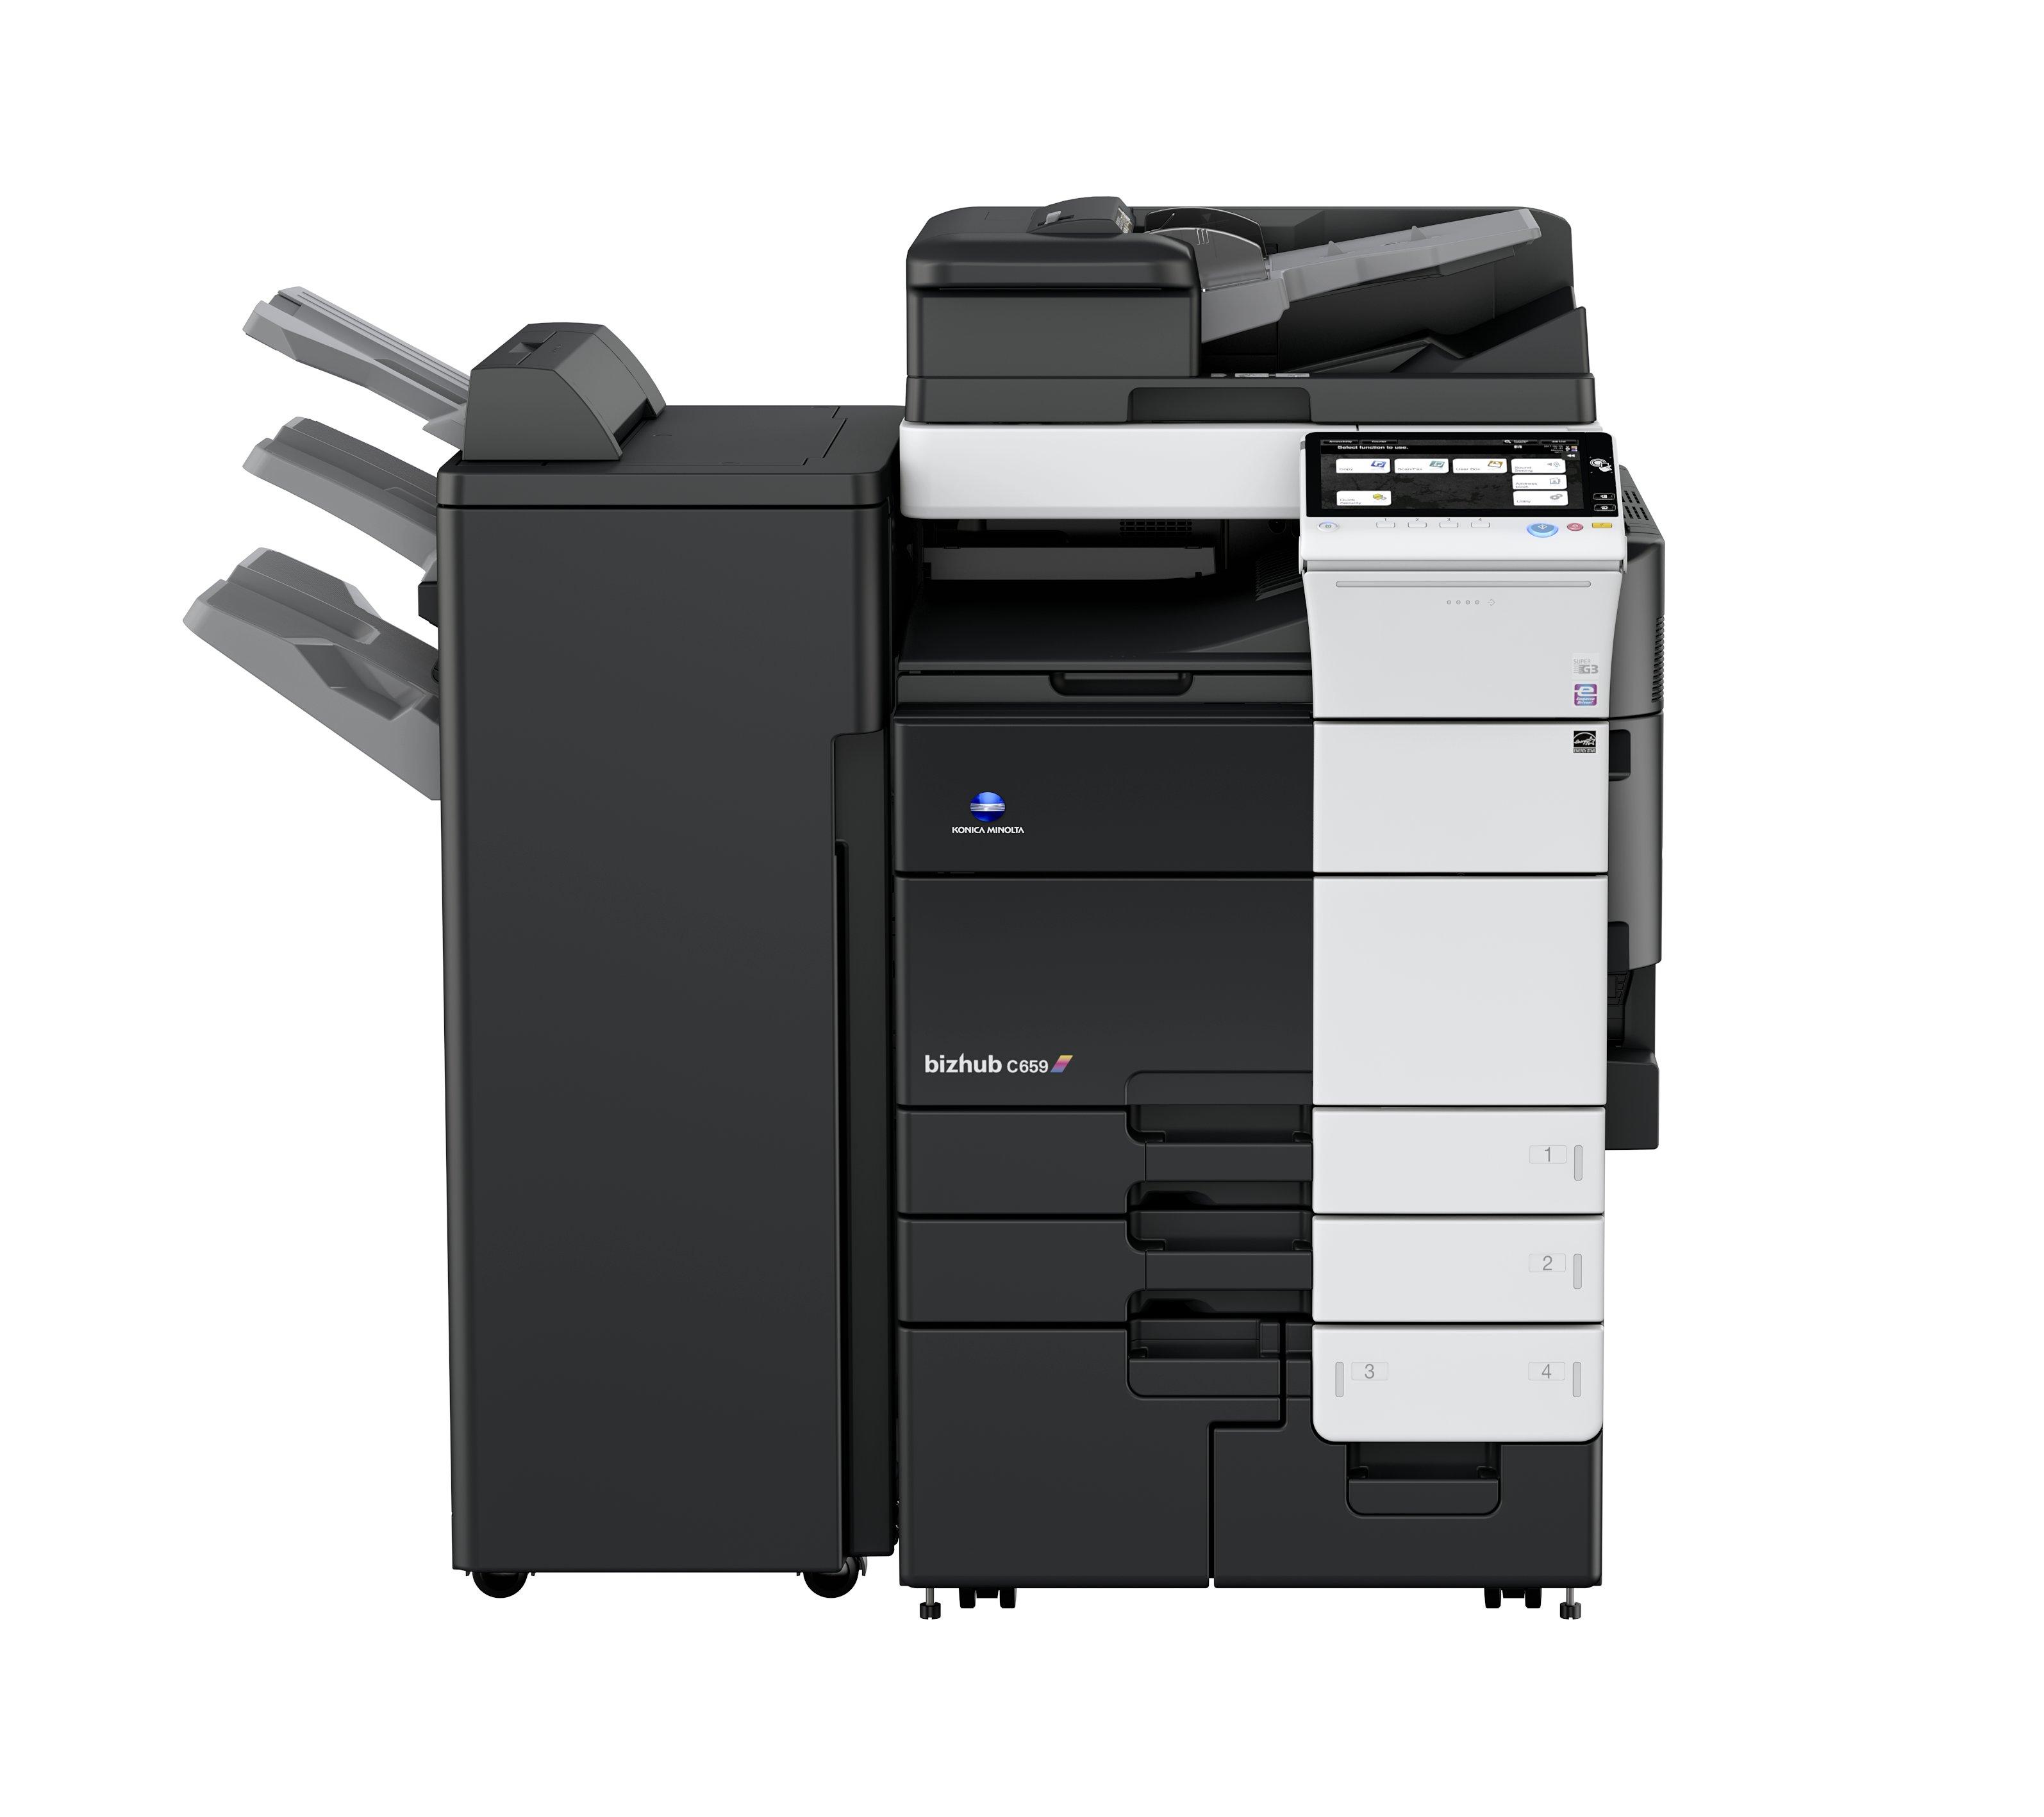 KONICA MINOLTA bizhub C659 Multifunktionsdrucker